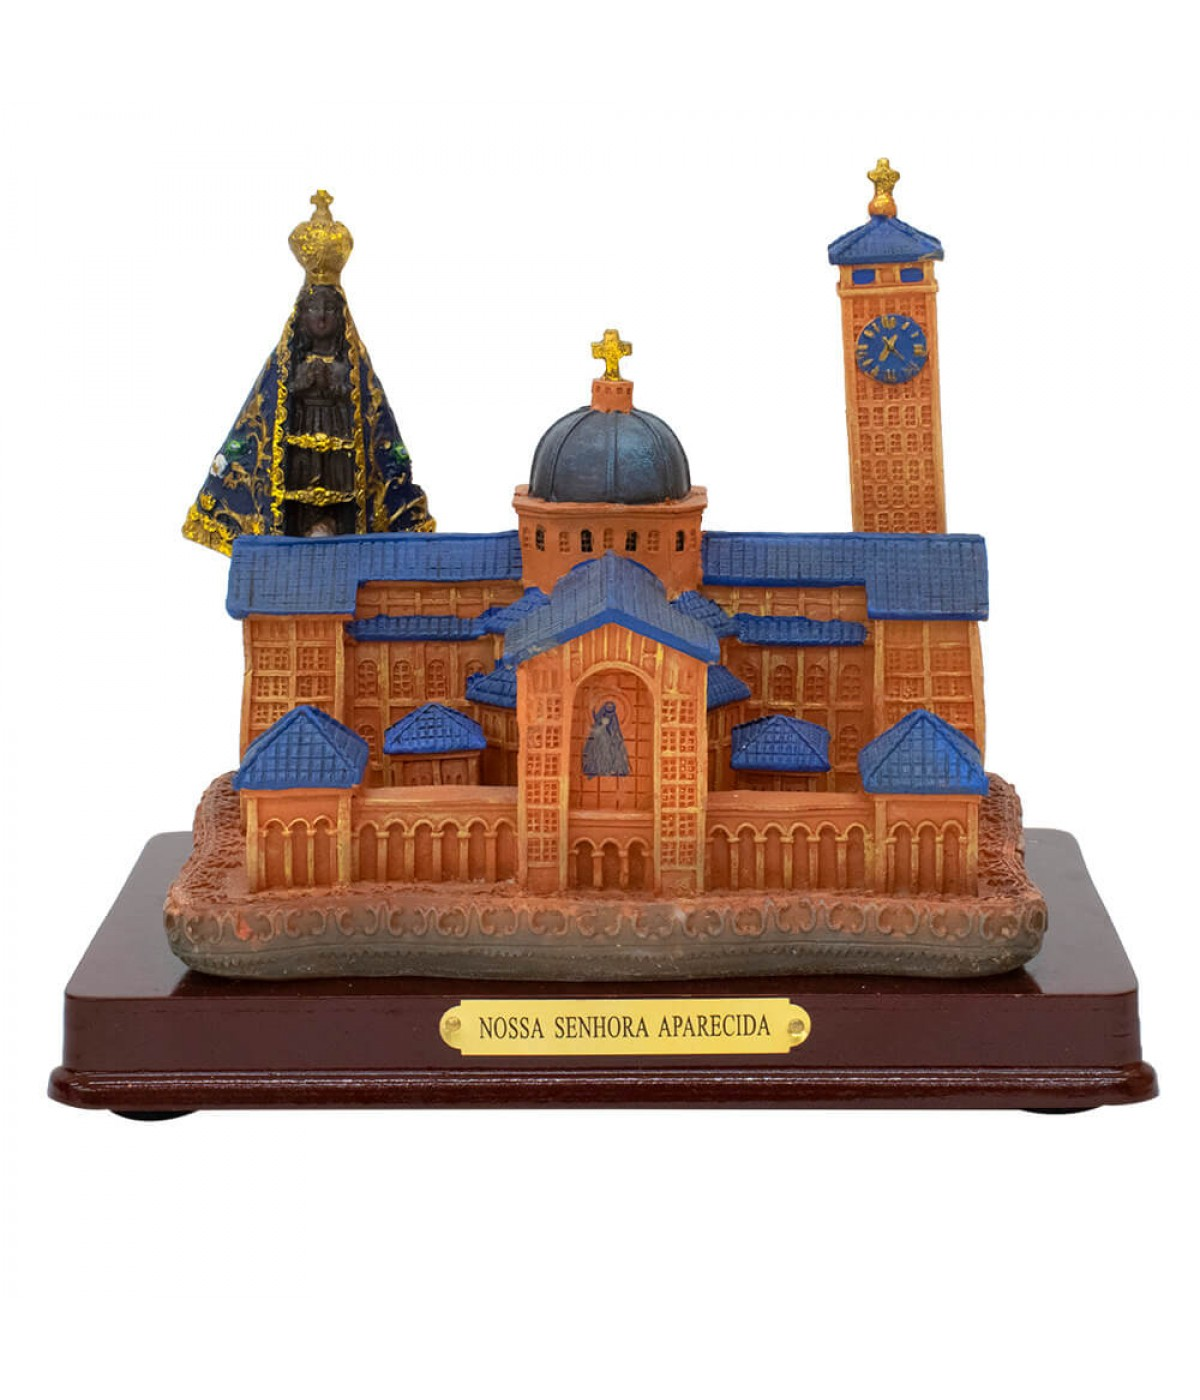 Catedral Basílica De Nossa Senhora Aparecida 15x18x11,5 - Enfeite Resina